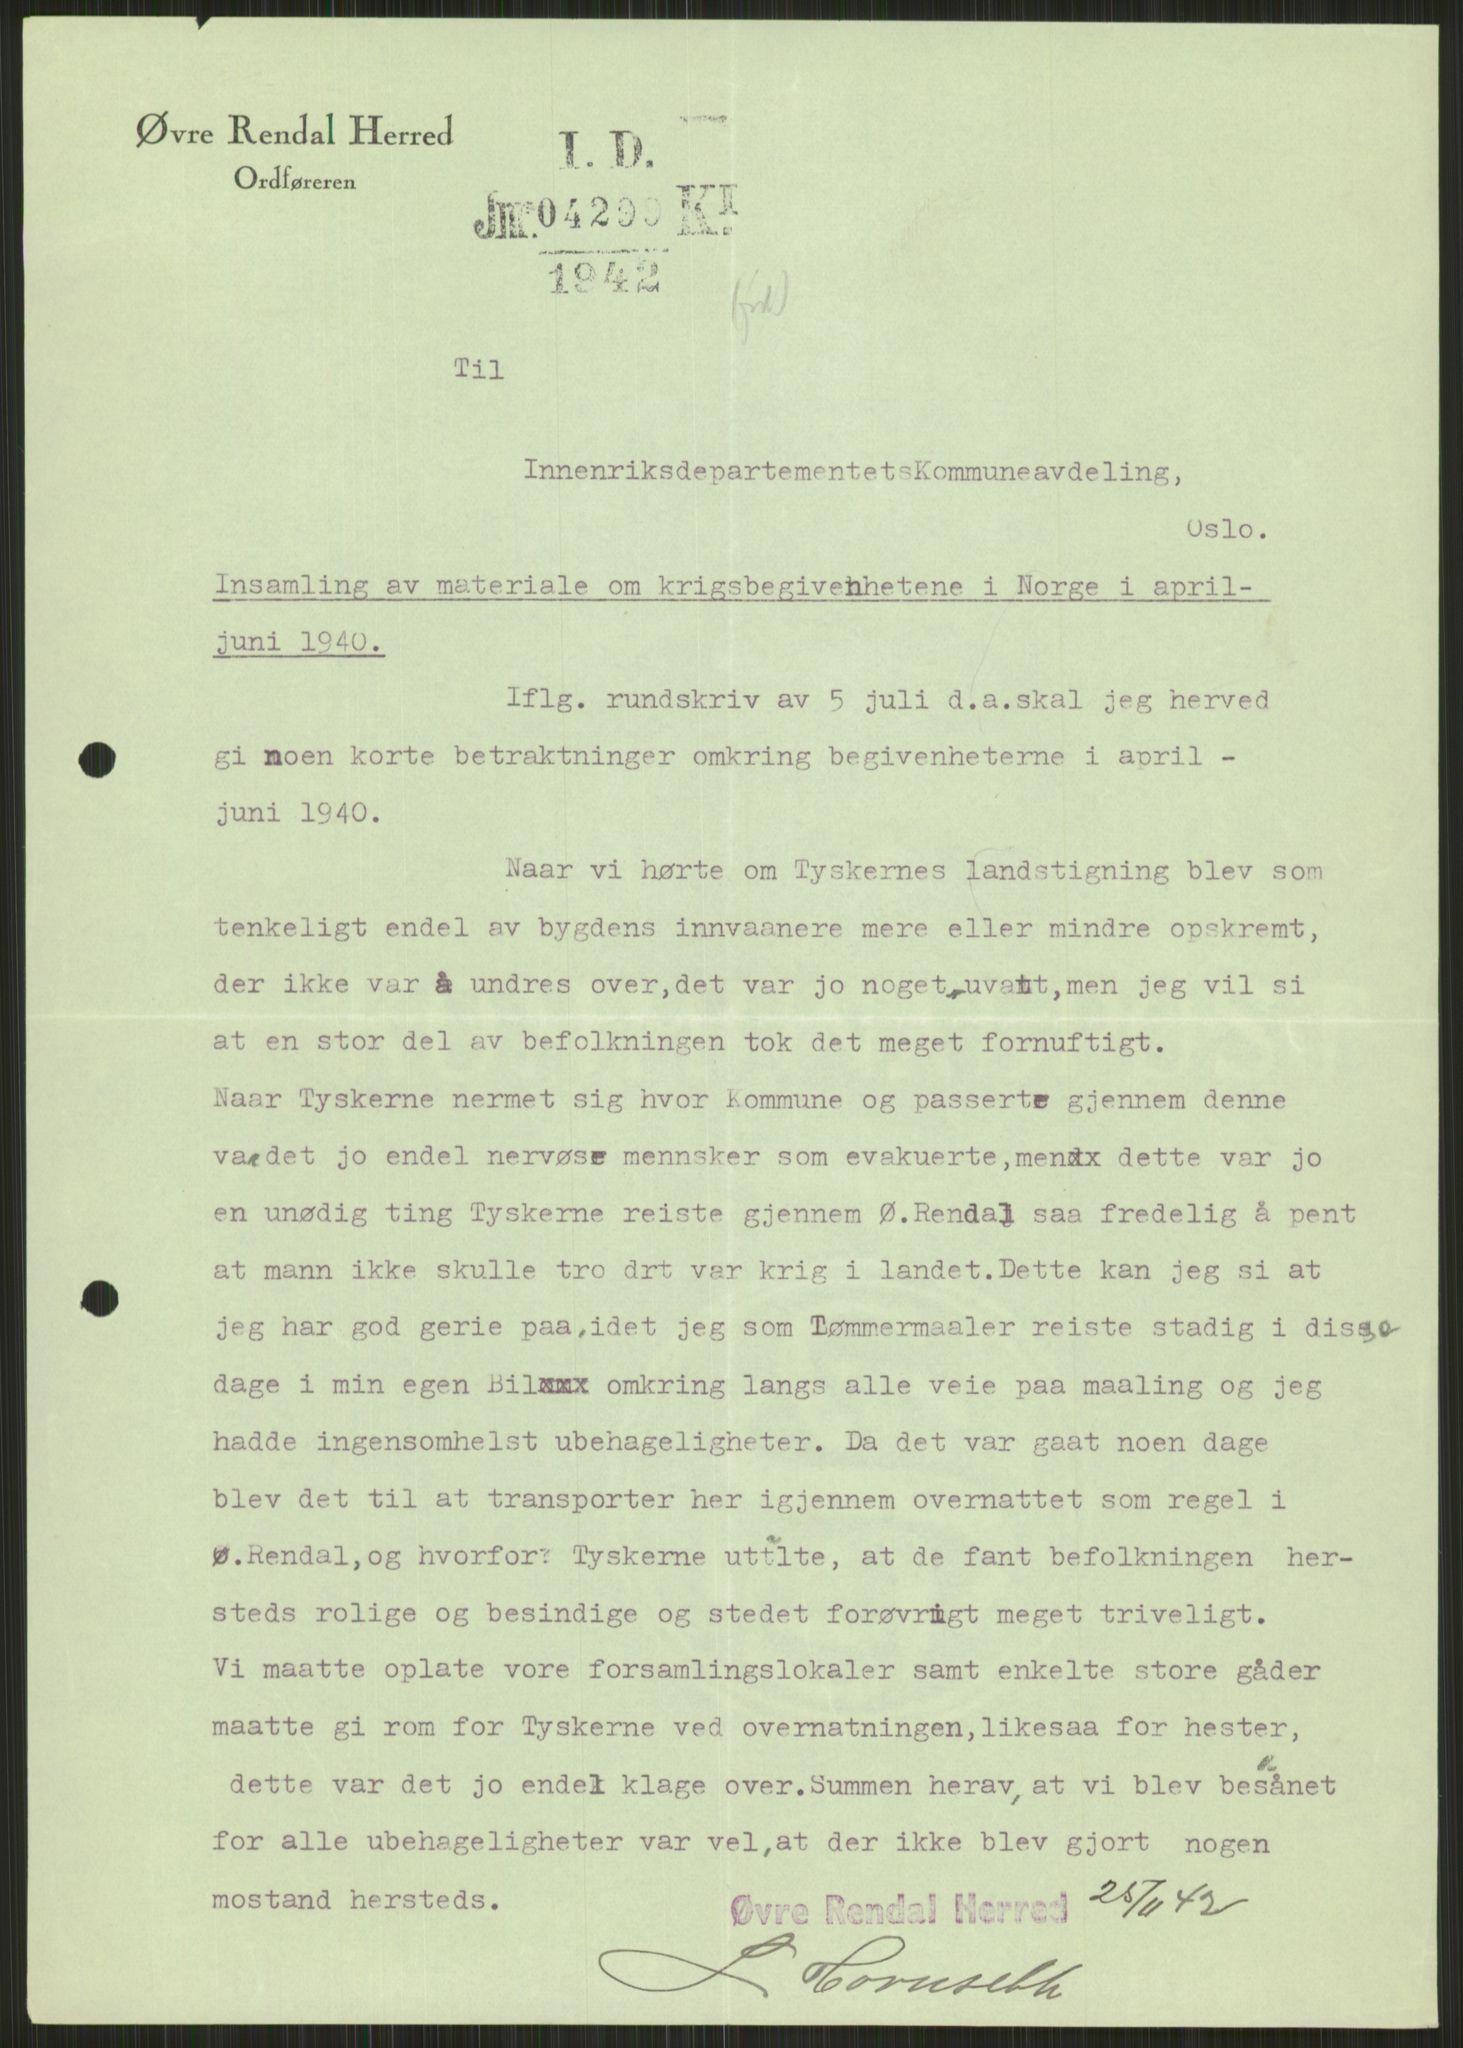 RA, Forsvaret, Forsvarets krigshistoriske avdeling, Y/Ya/L0013: II-C-11-31 - Fylkesmenn.  Rapporter om krigsbegivenhetene 1940., 1940, s. 1023